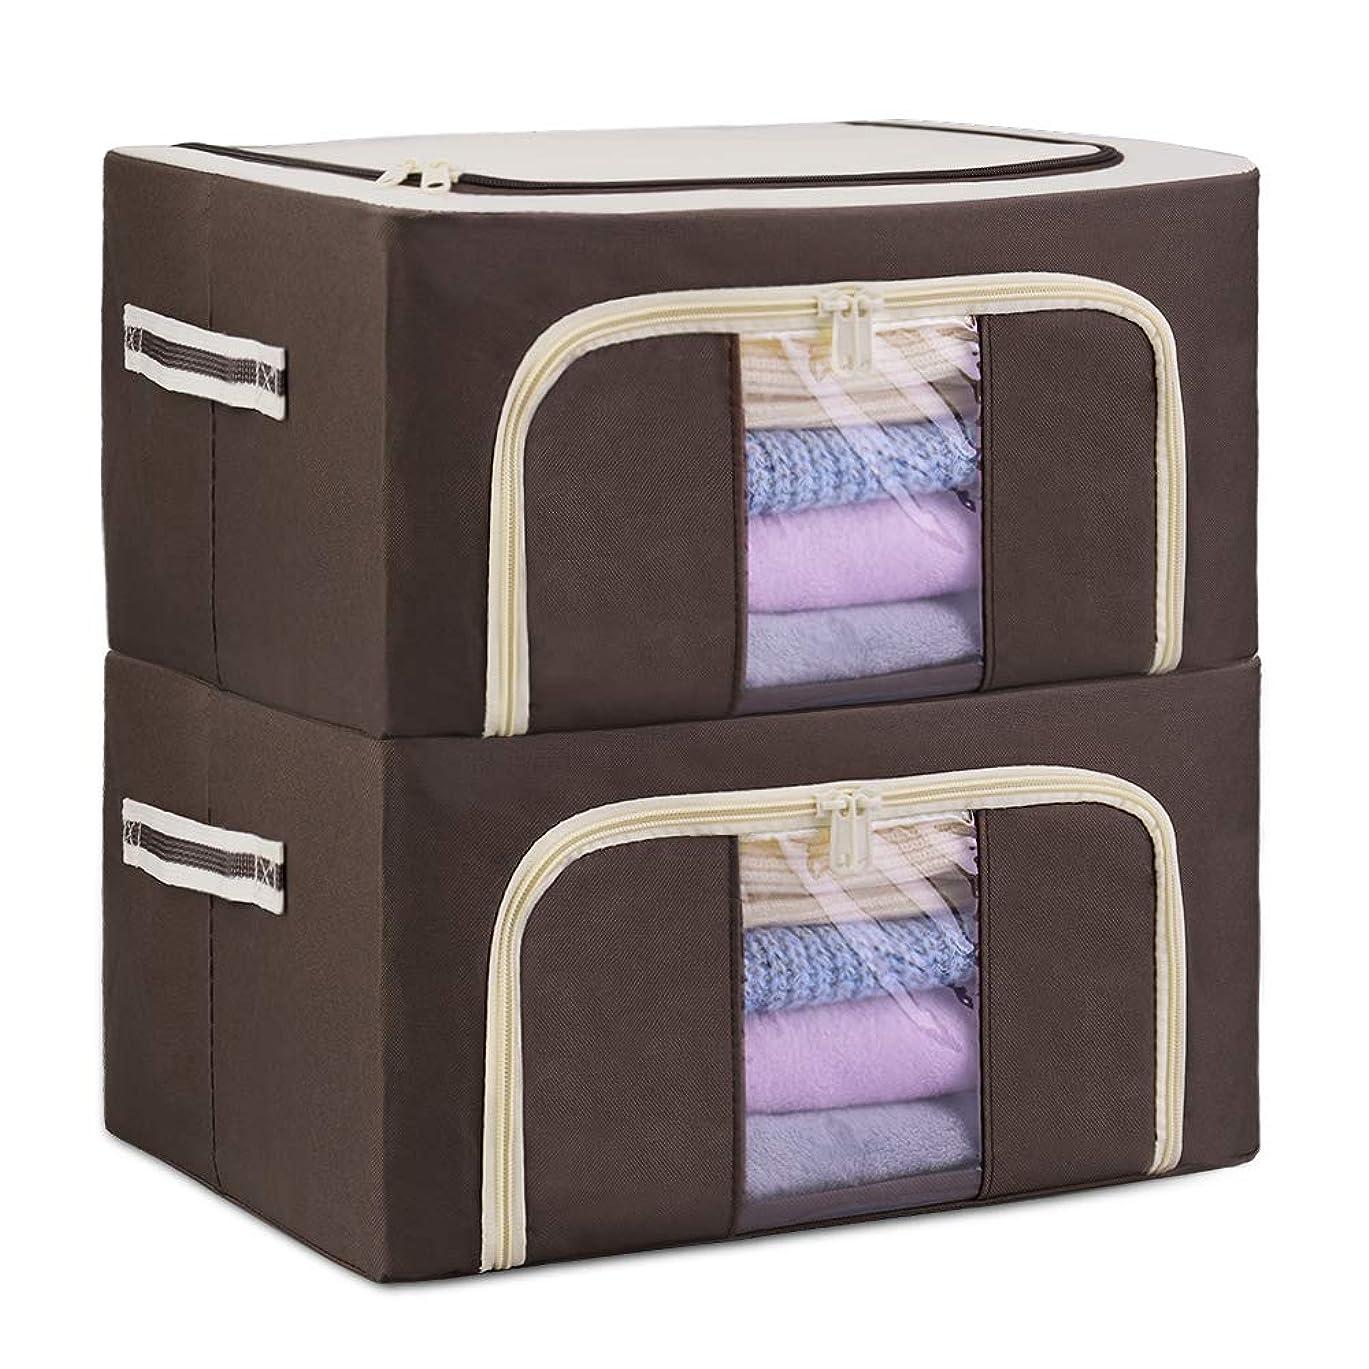 下手散文ピカリングANIOBMAN 衣装ケース 2個組 収納ボックス 折りたたみ 衣類 収納袋 600Dオックス ワイヤー入り 多機能収納ケース モカ